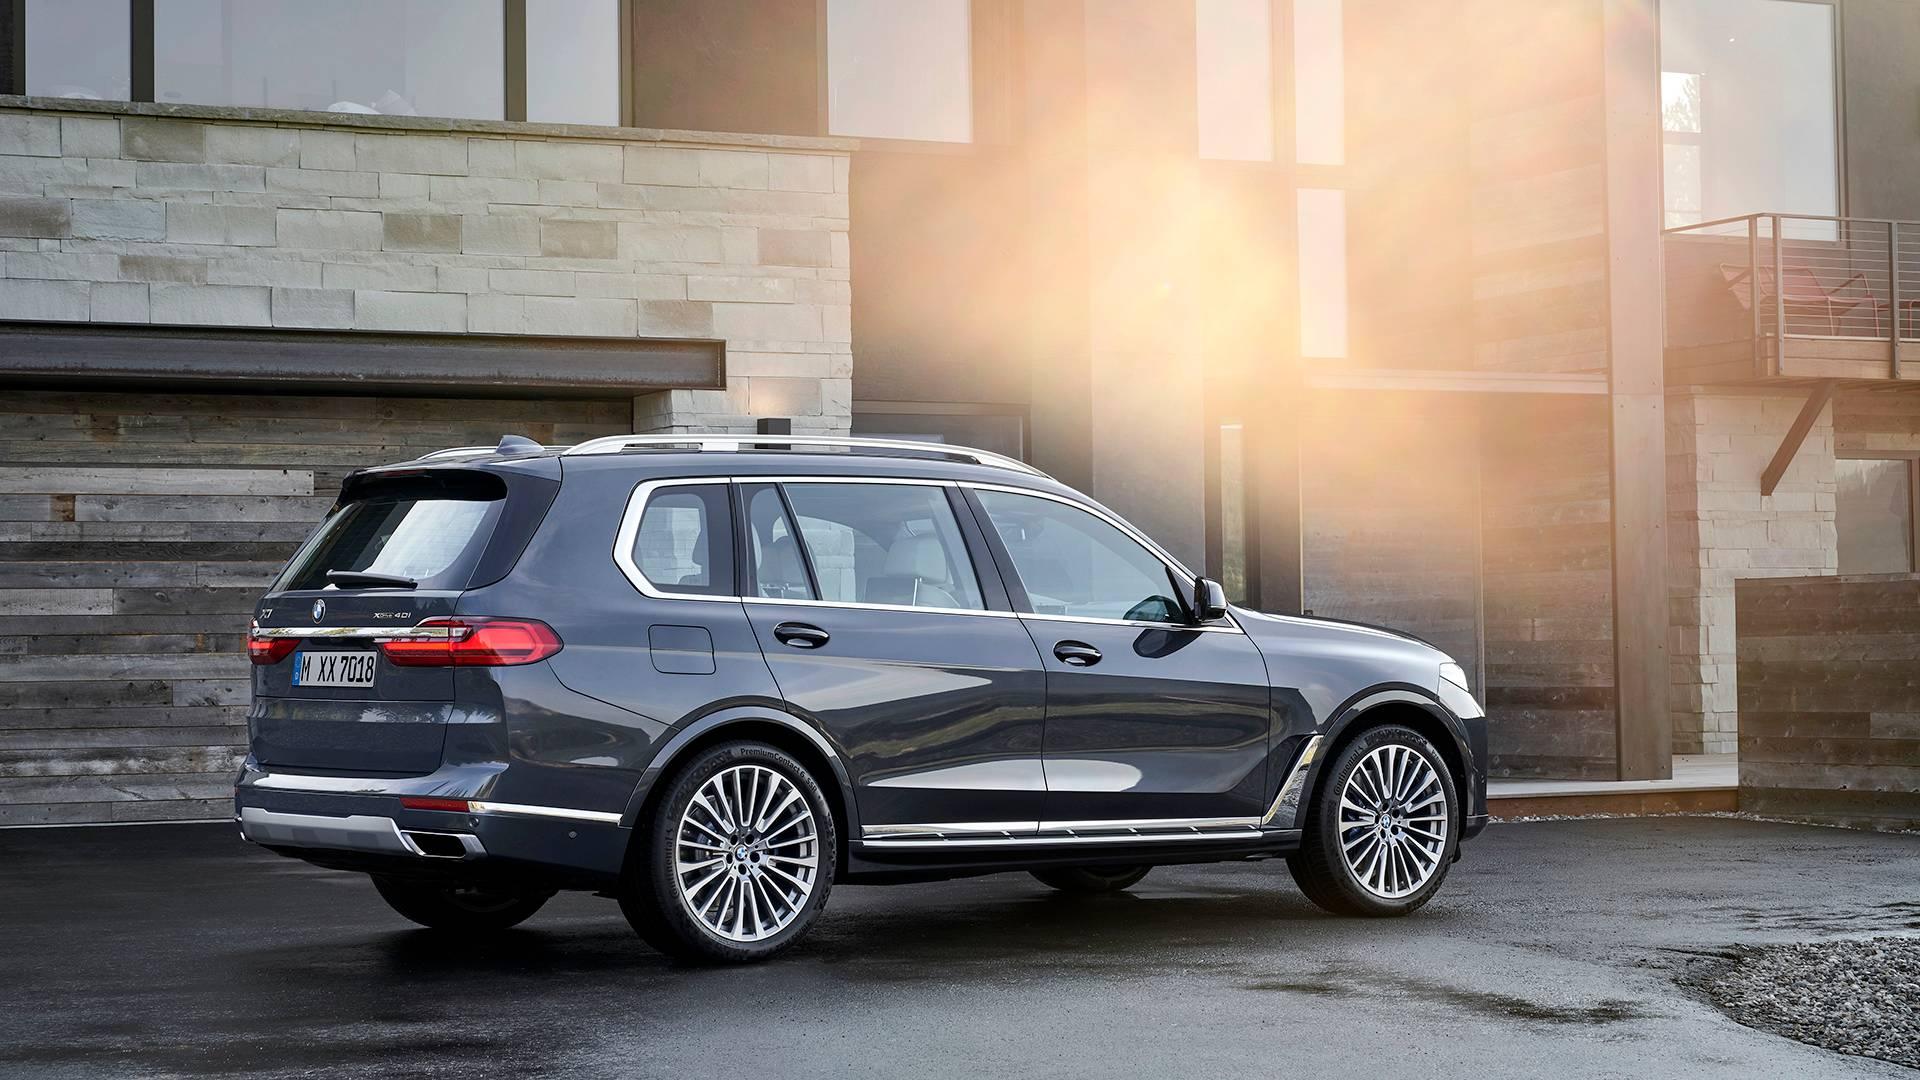 BMW официально представила 7-местный кроссовер X7 2